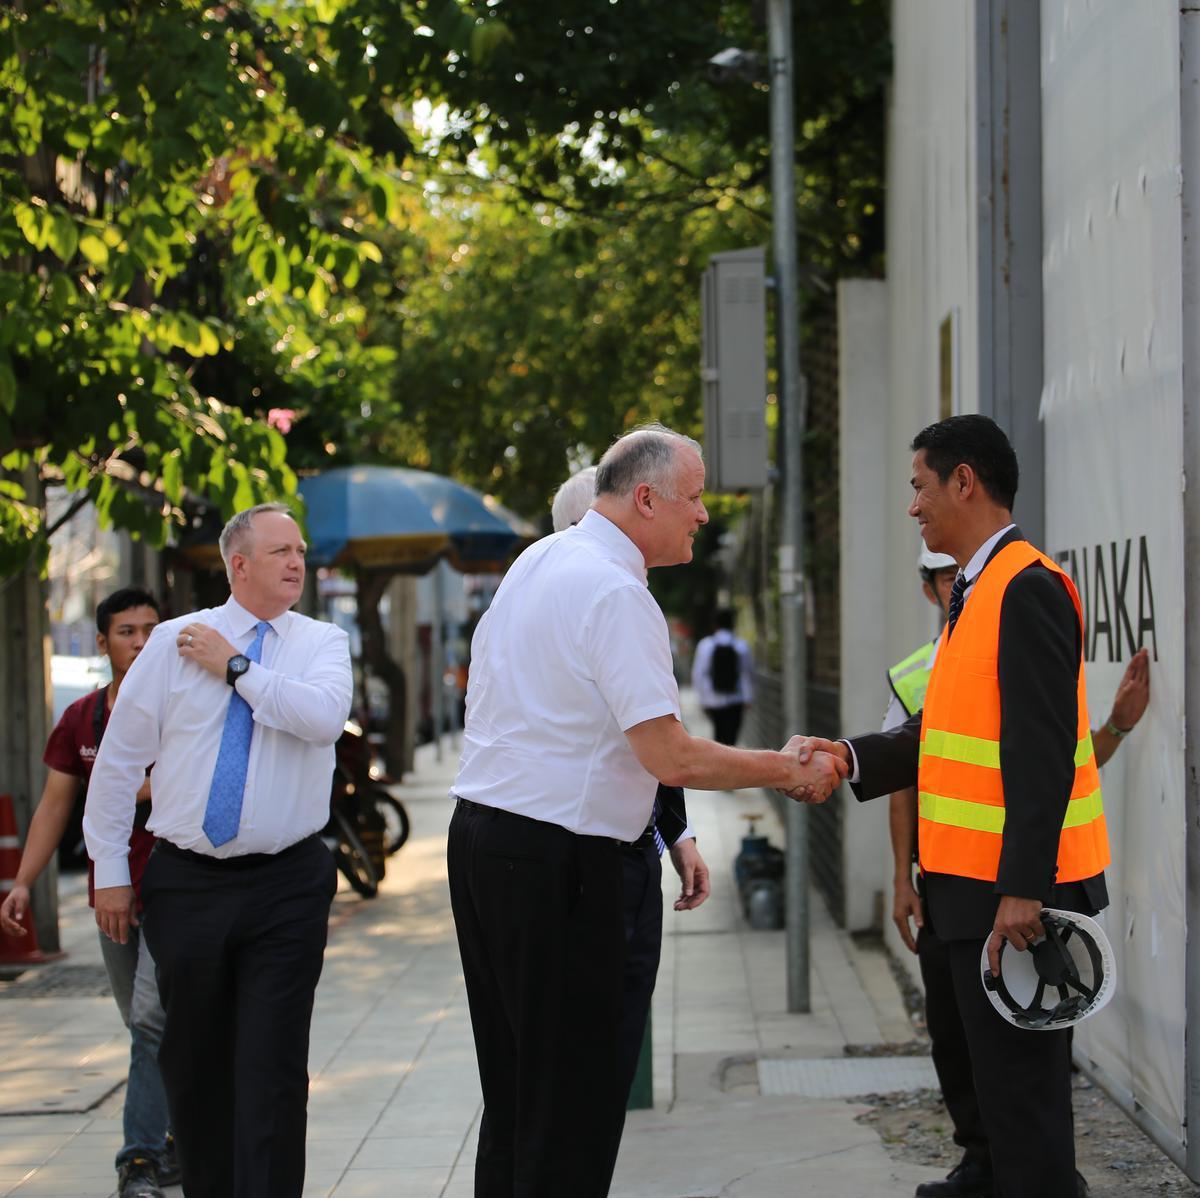 เอ็ลเดอร์โฮเมอร์ทักทายเจ้าหน้าที่รักษาความปลอดภัยที่ถนนเพชรบุรีตัดใหม่หน้าสถานที่ก่อนสร้างพระวิหาร